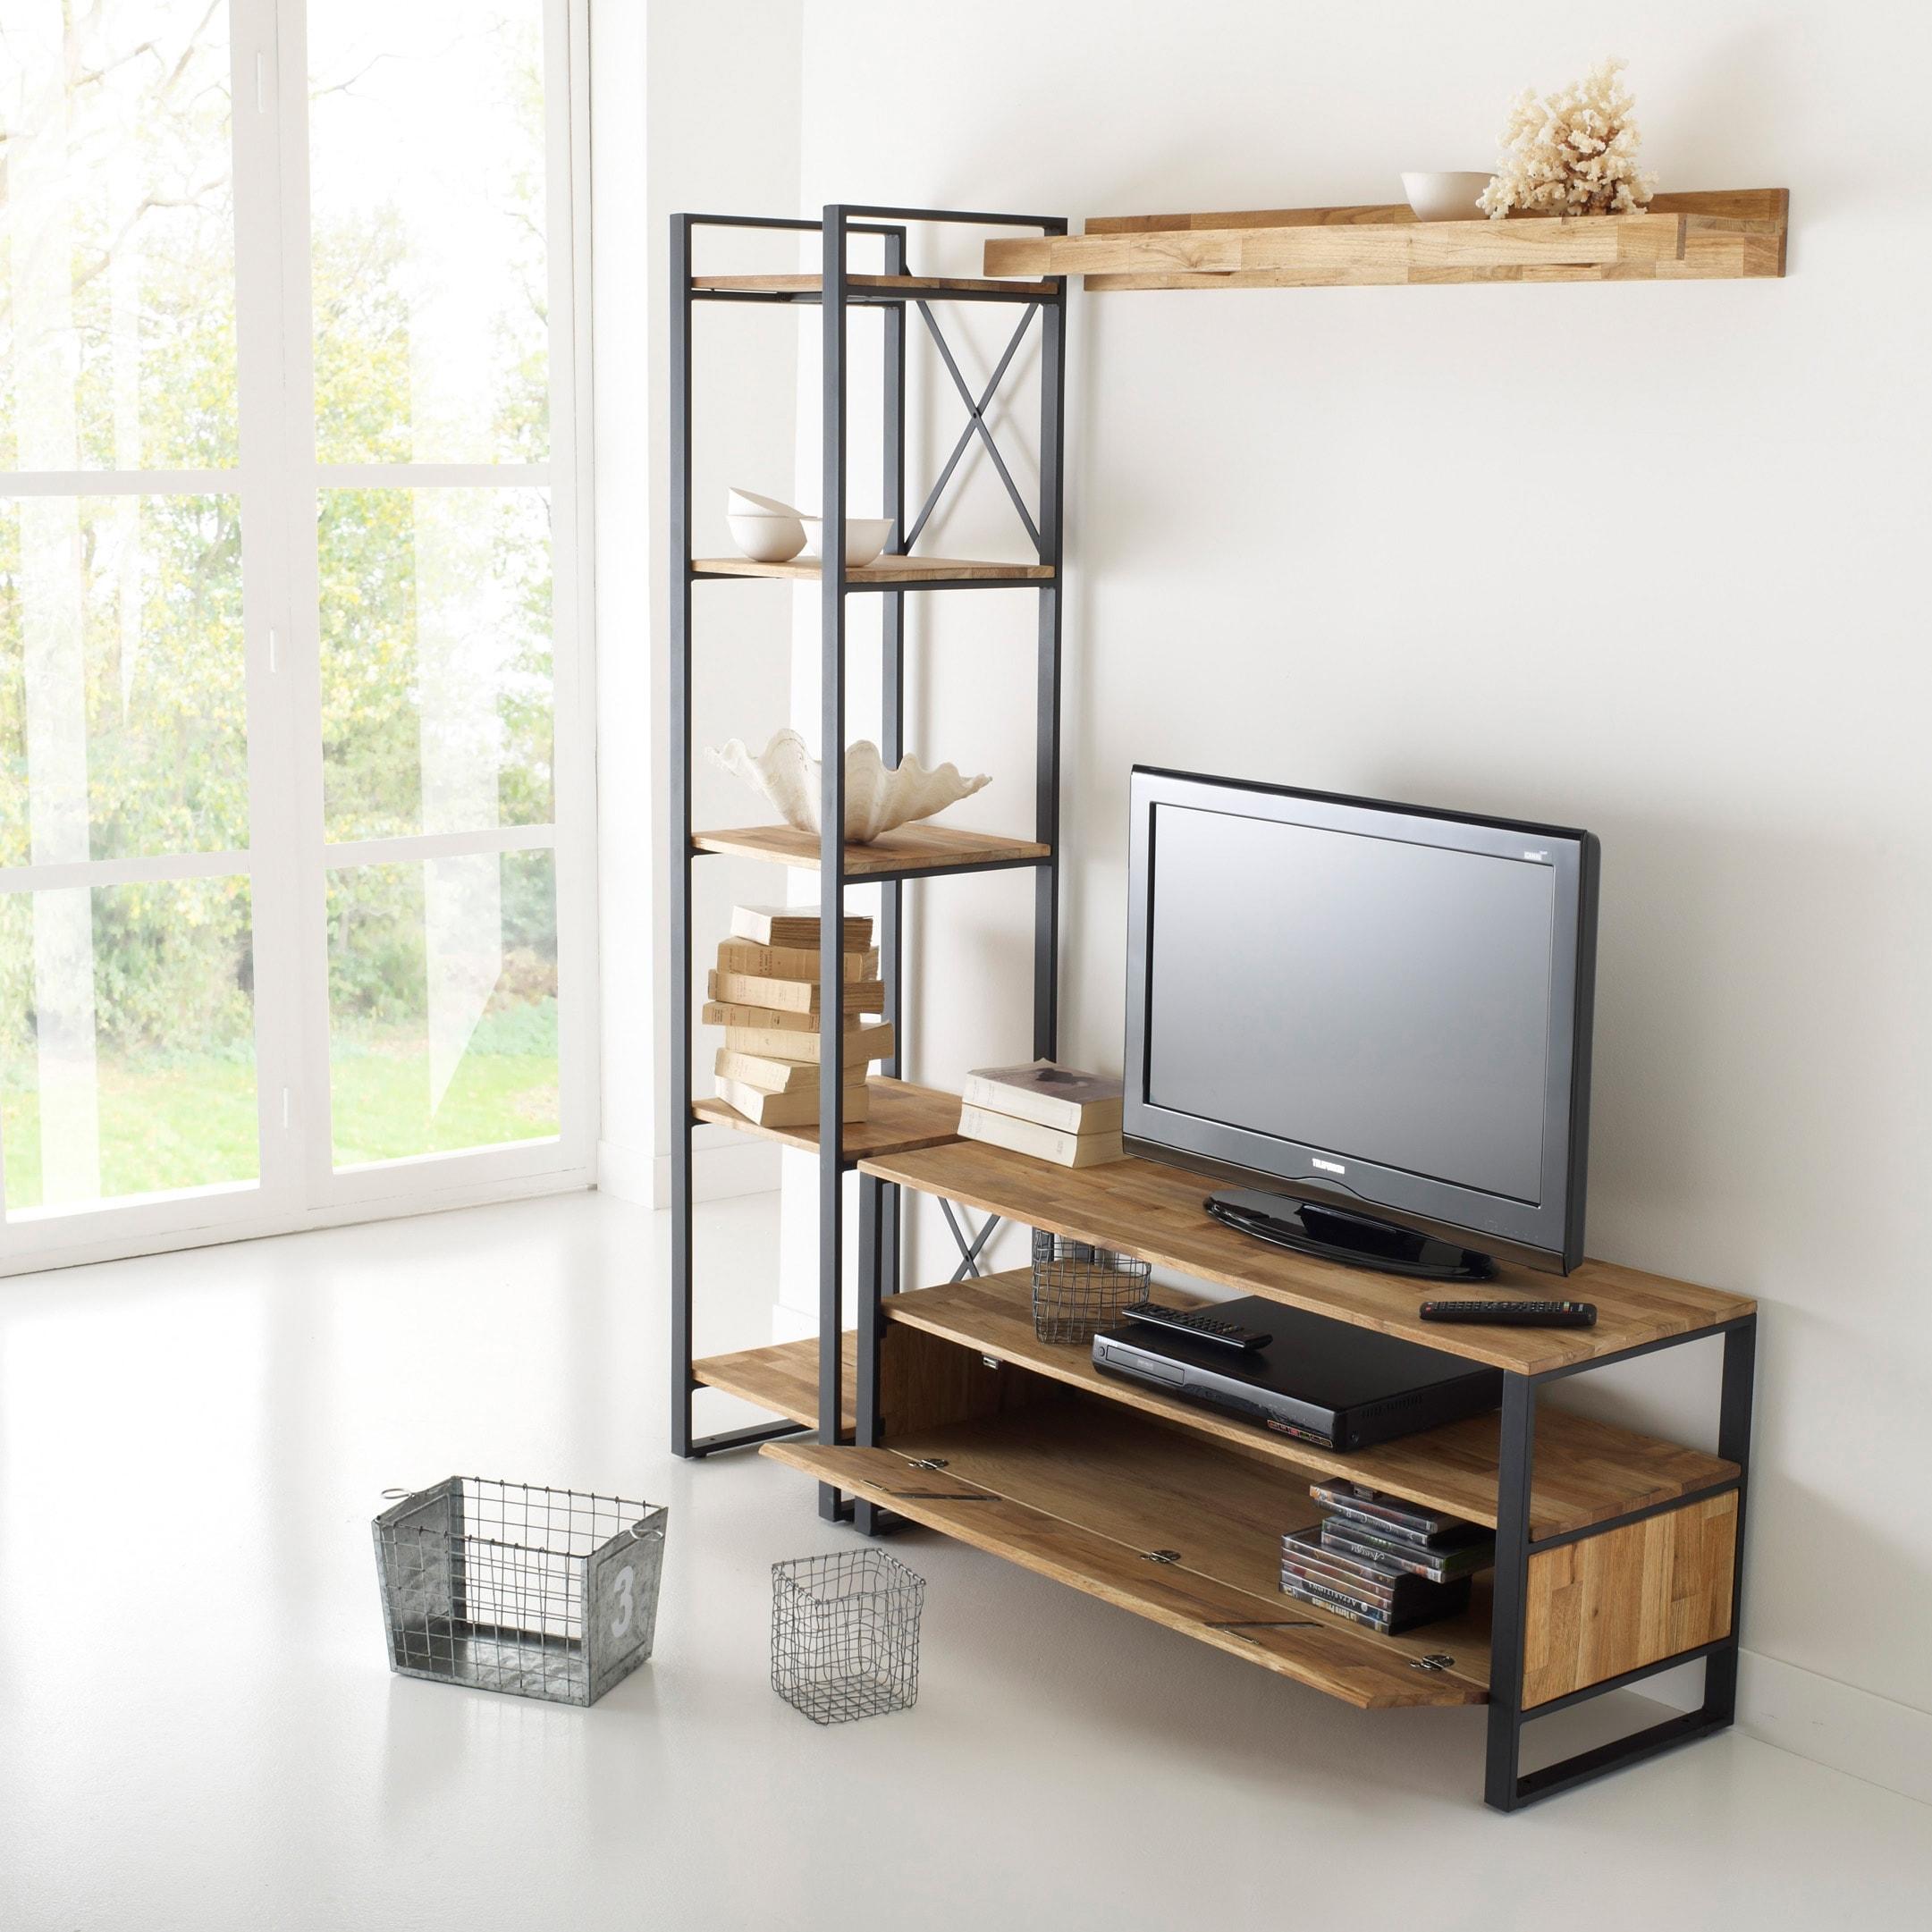 Meuble Tv La Redoute - Meuble Tv Industriel La Redoute Maison Et Mobilier D Int Rieur[mjhdah]https://s-media-cache-ak0.pinimg.com/originals/a6/6a/12/a66a12fae9f3a8749c818bb26adfa058.jpg